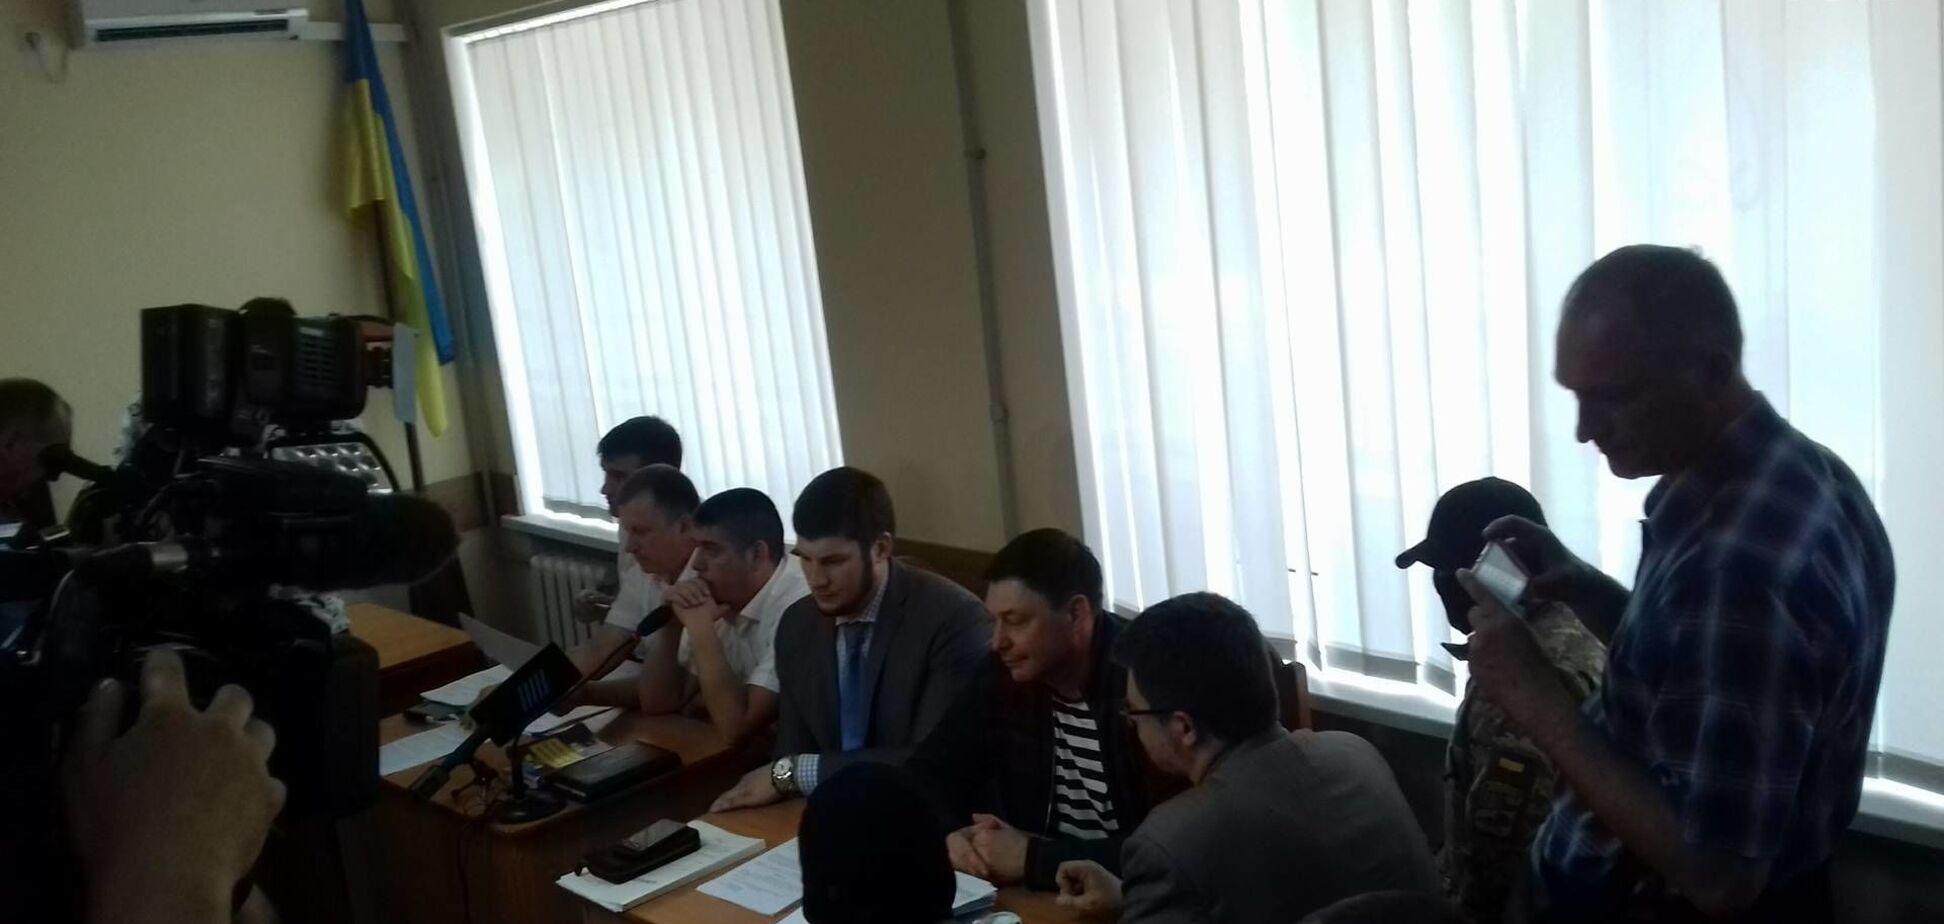 Говорити російською: глава 'РИА Новости Украина' озвучив вимогу в суді